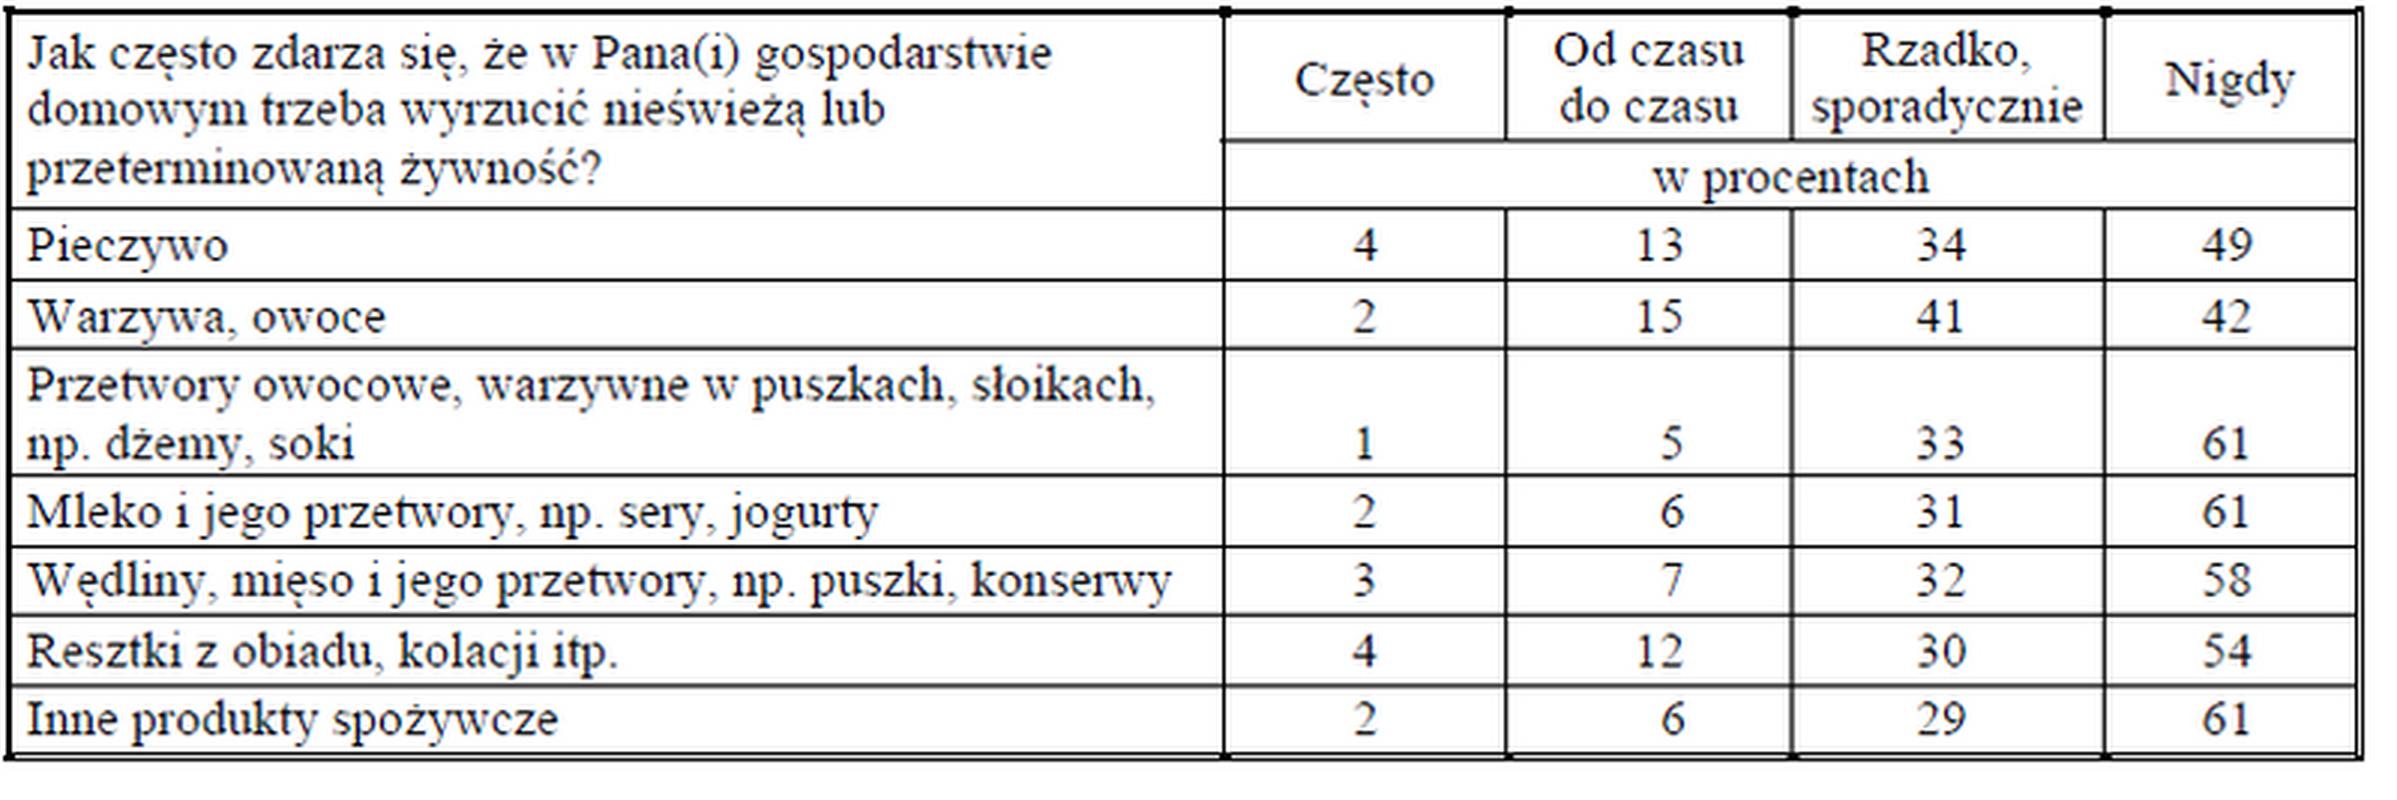 Grupy produktów, które Polacy wyrzucają